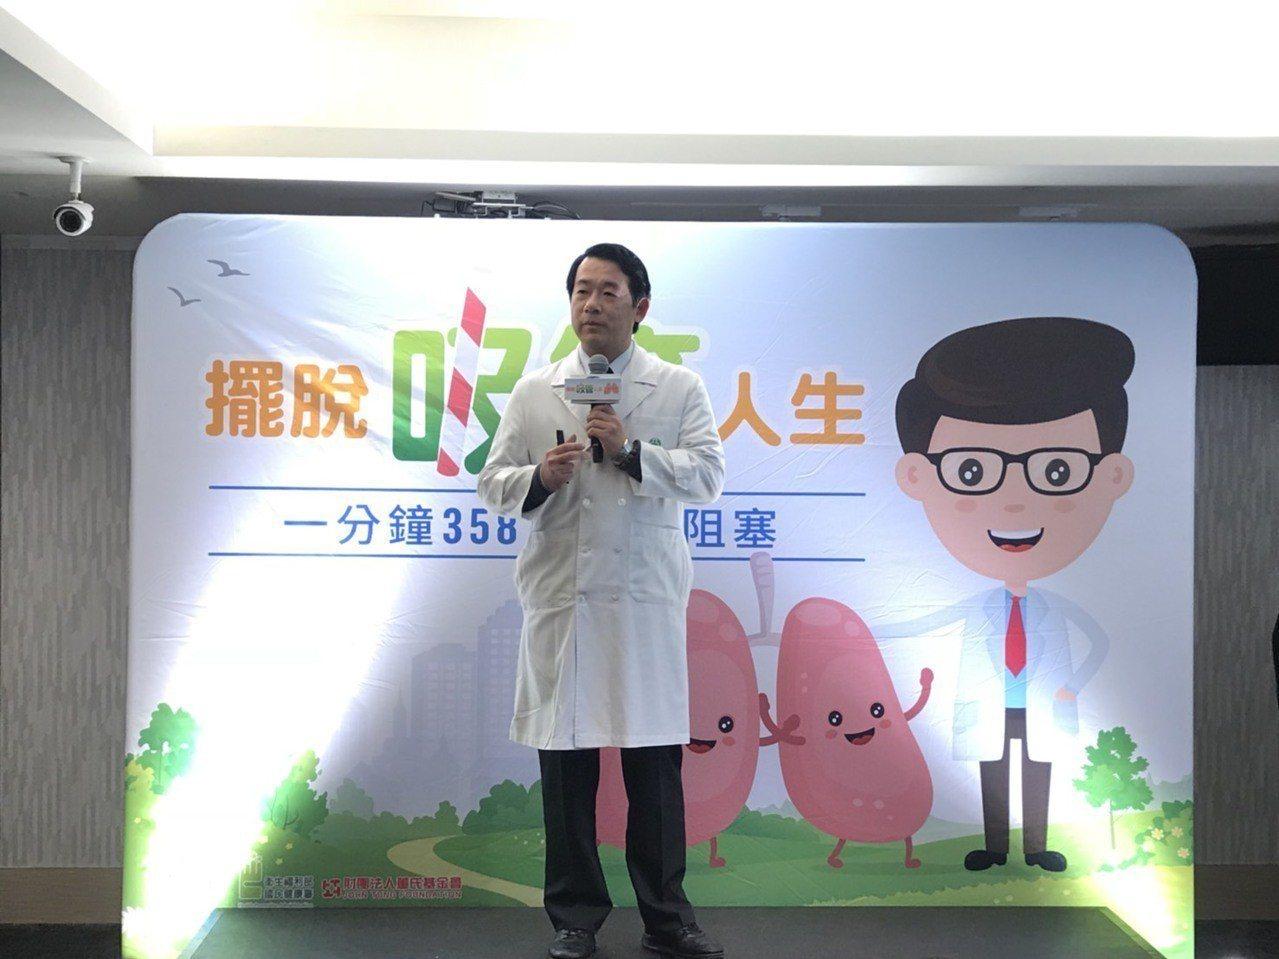 亞東醫院胸腔內科主任醫師鄭世隆表示,肺阻塞為慢性呼吸道發炎所導致的呼吸道阻塞疾病...